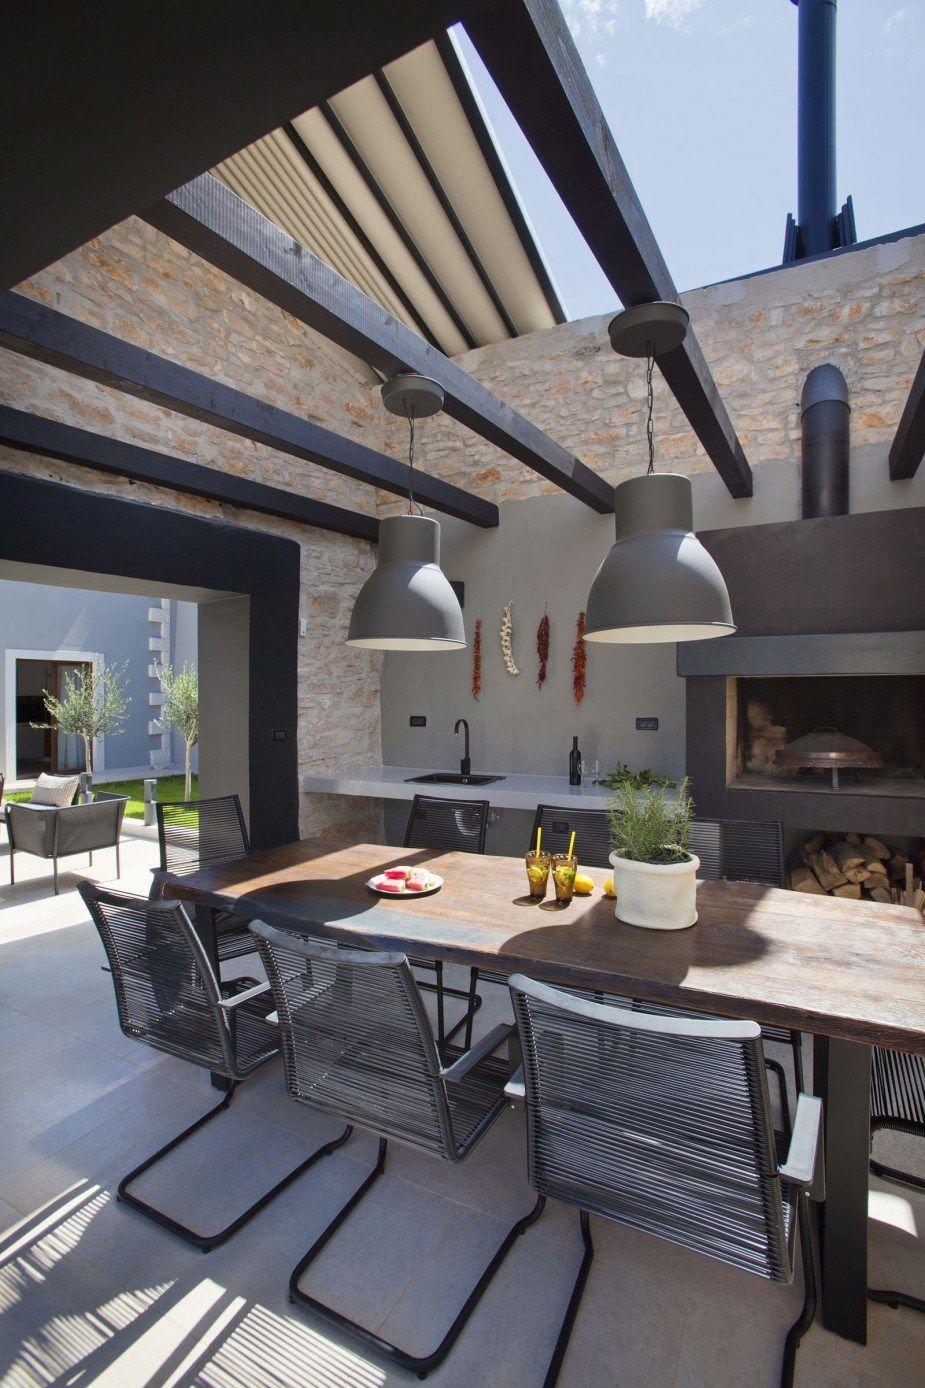 Modelo de barbacoa y de comedor exterior terrazas - Barbacoas para terrazas ...